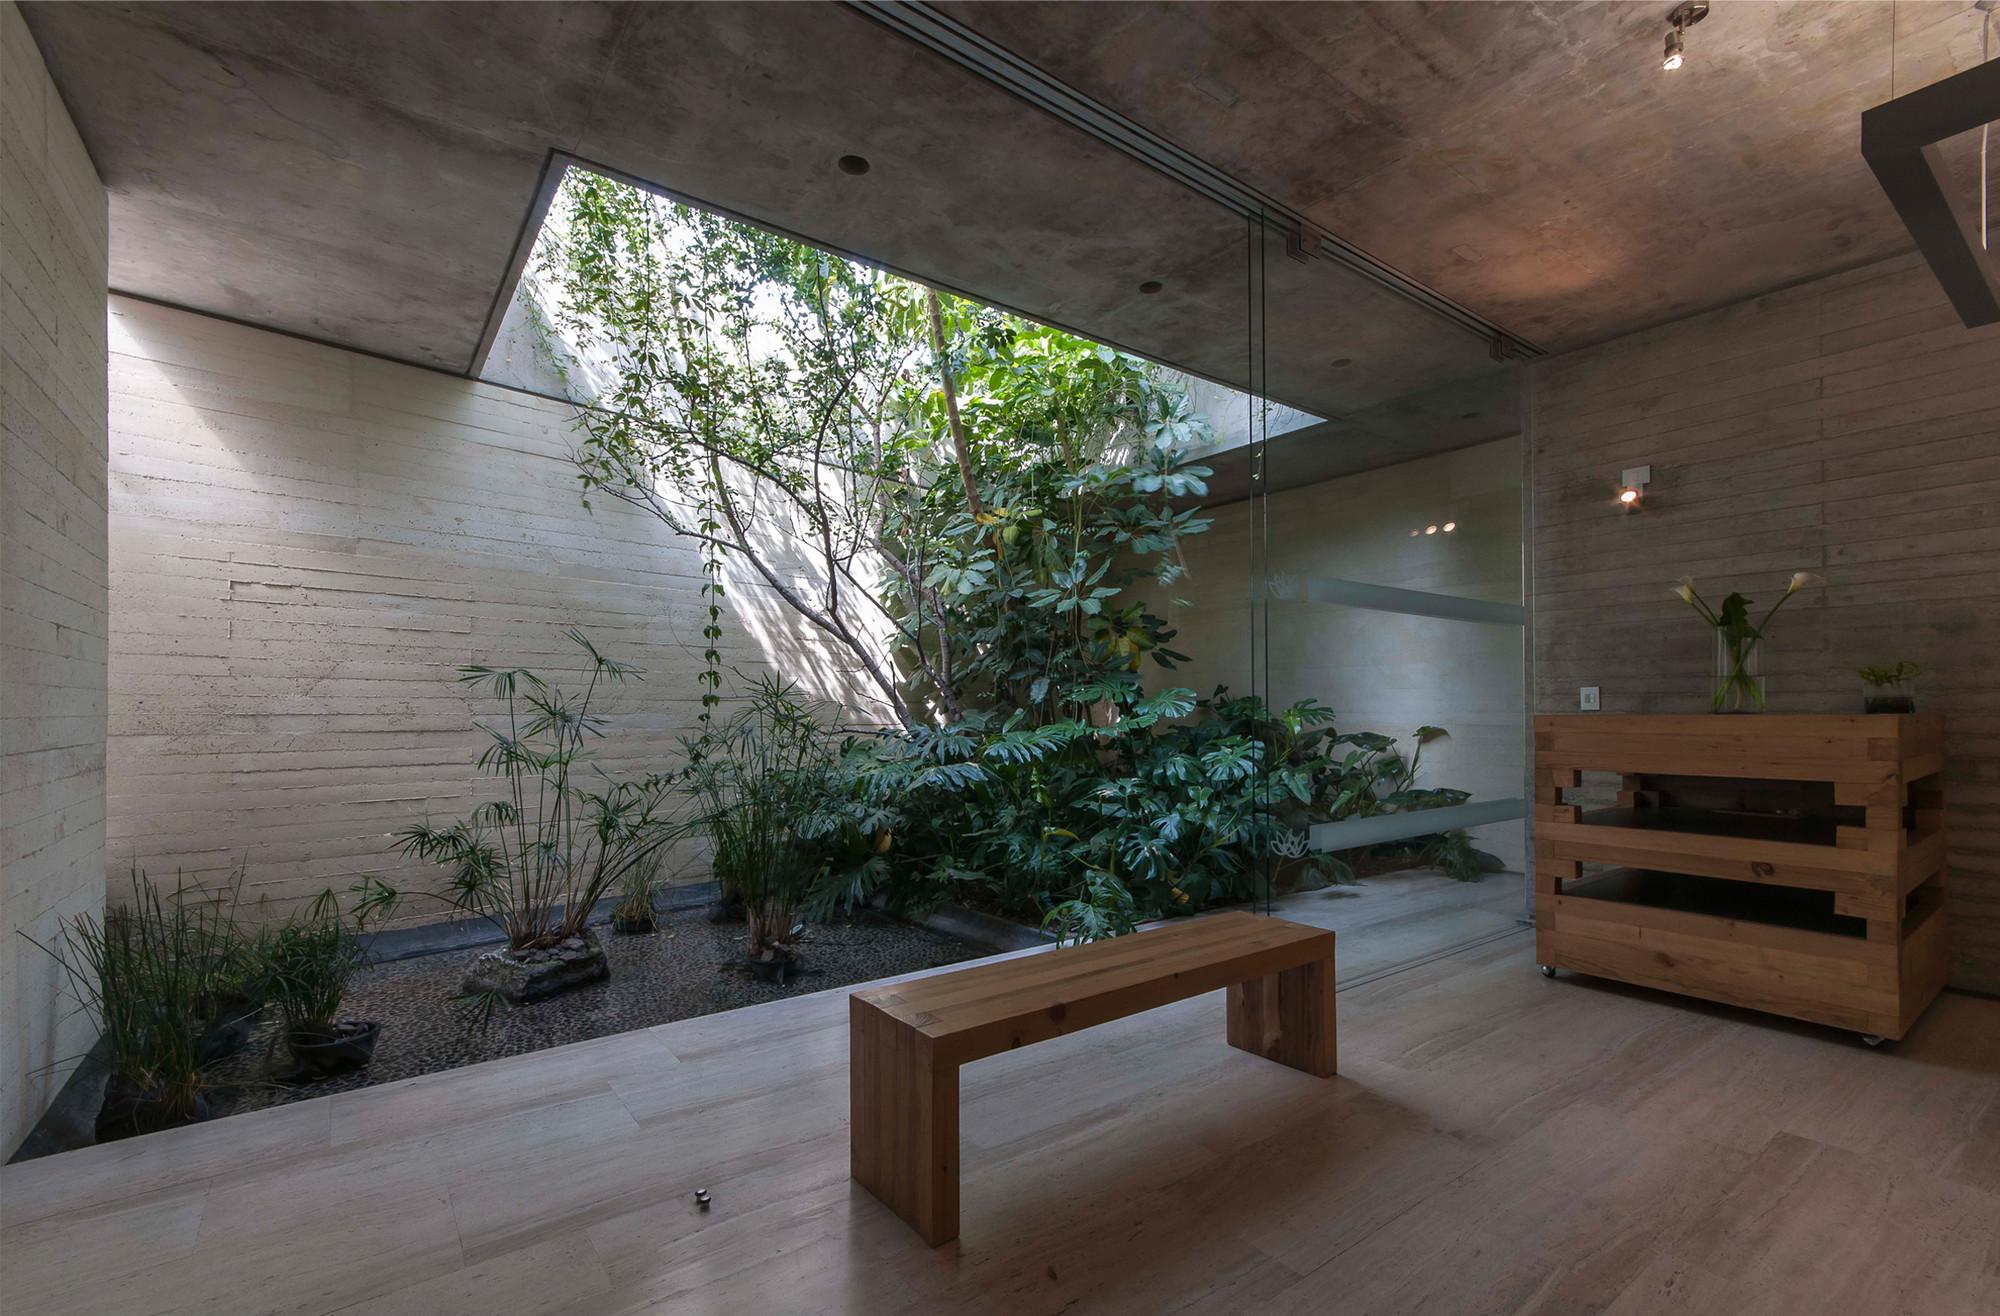 Gallery of spa quer taro ambrosi i etchegaray 6 - Espacio zen ...